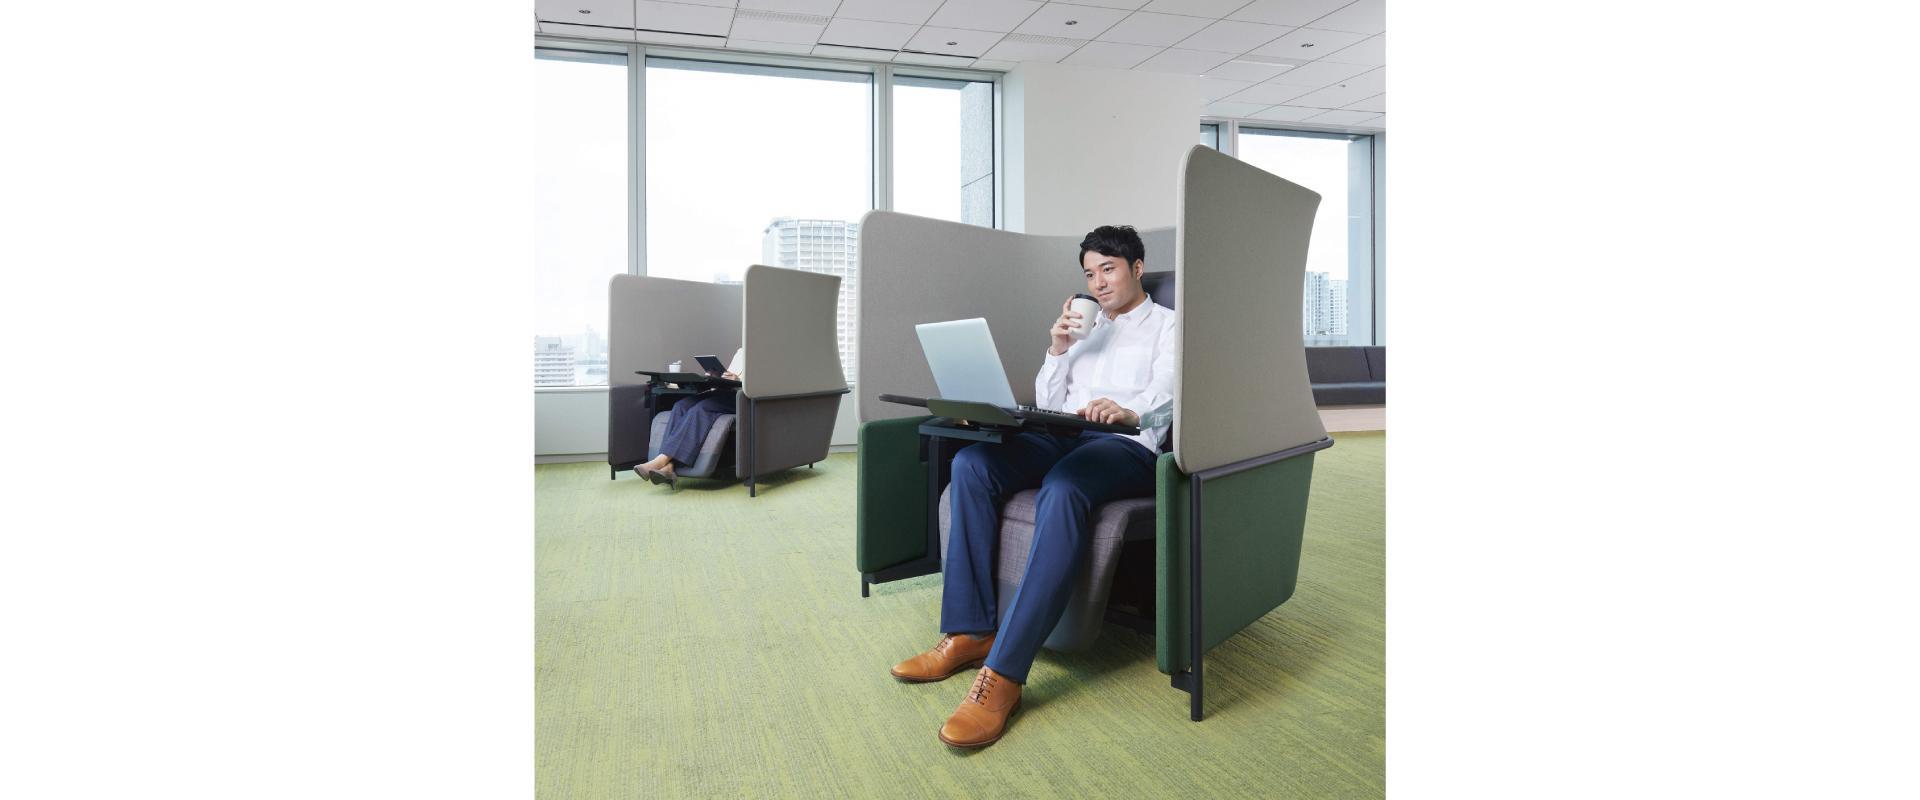 オフィス内の個人ブース席